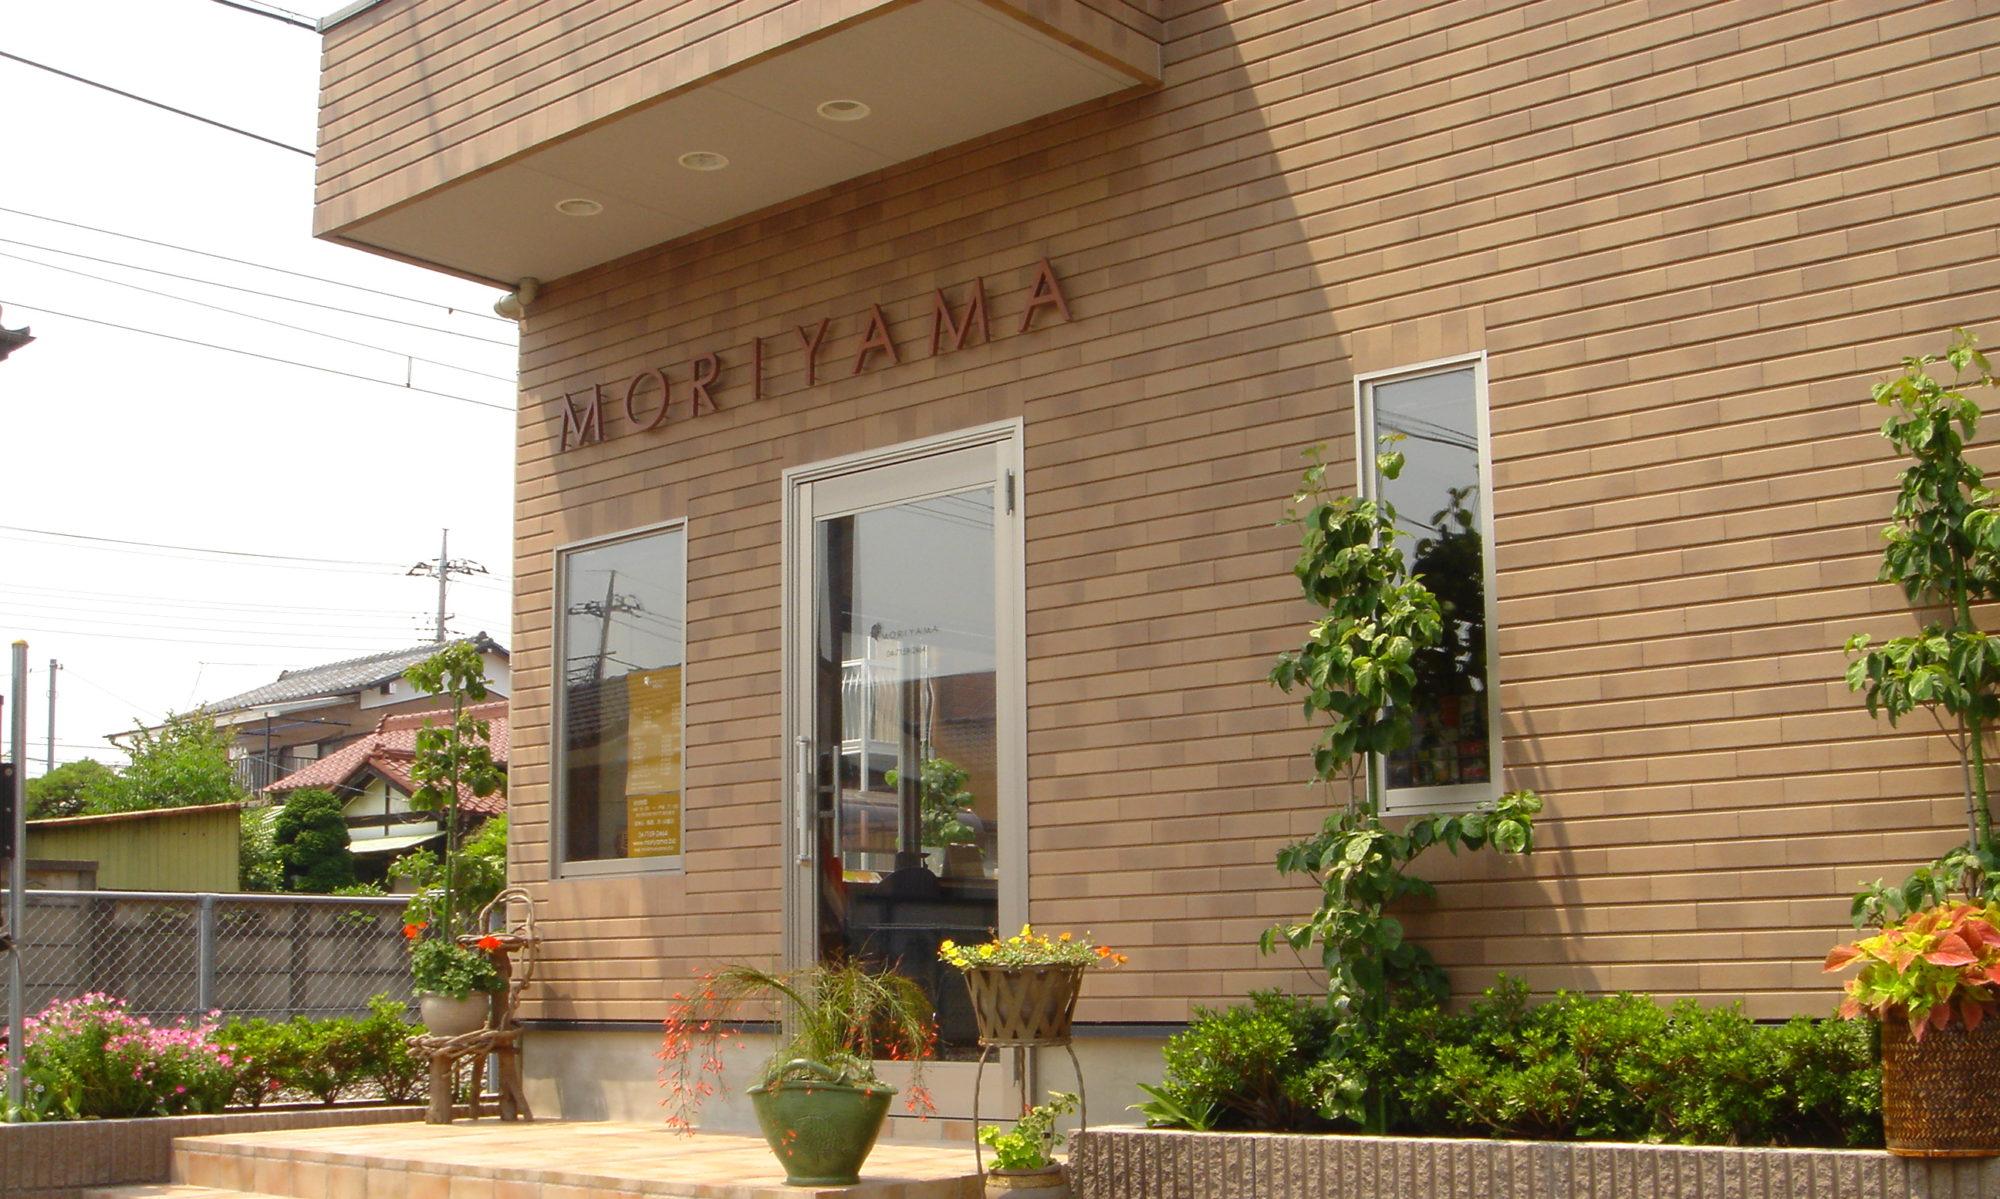 MORIYAMA 森山理容室